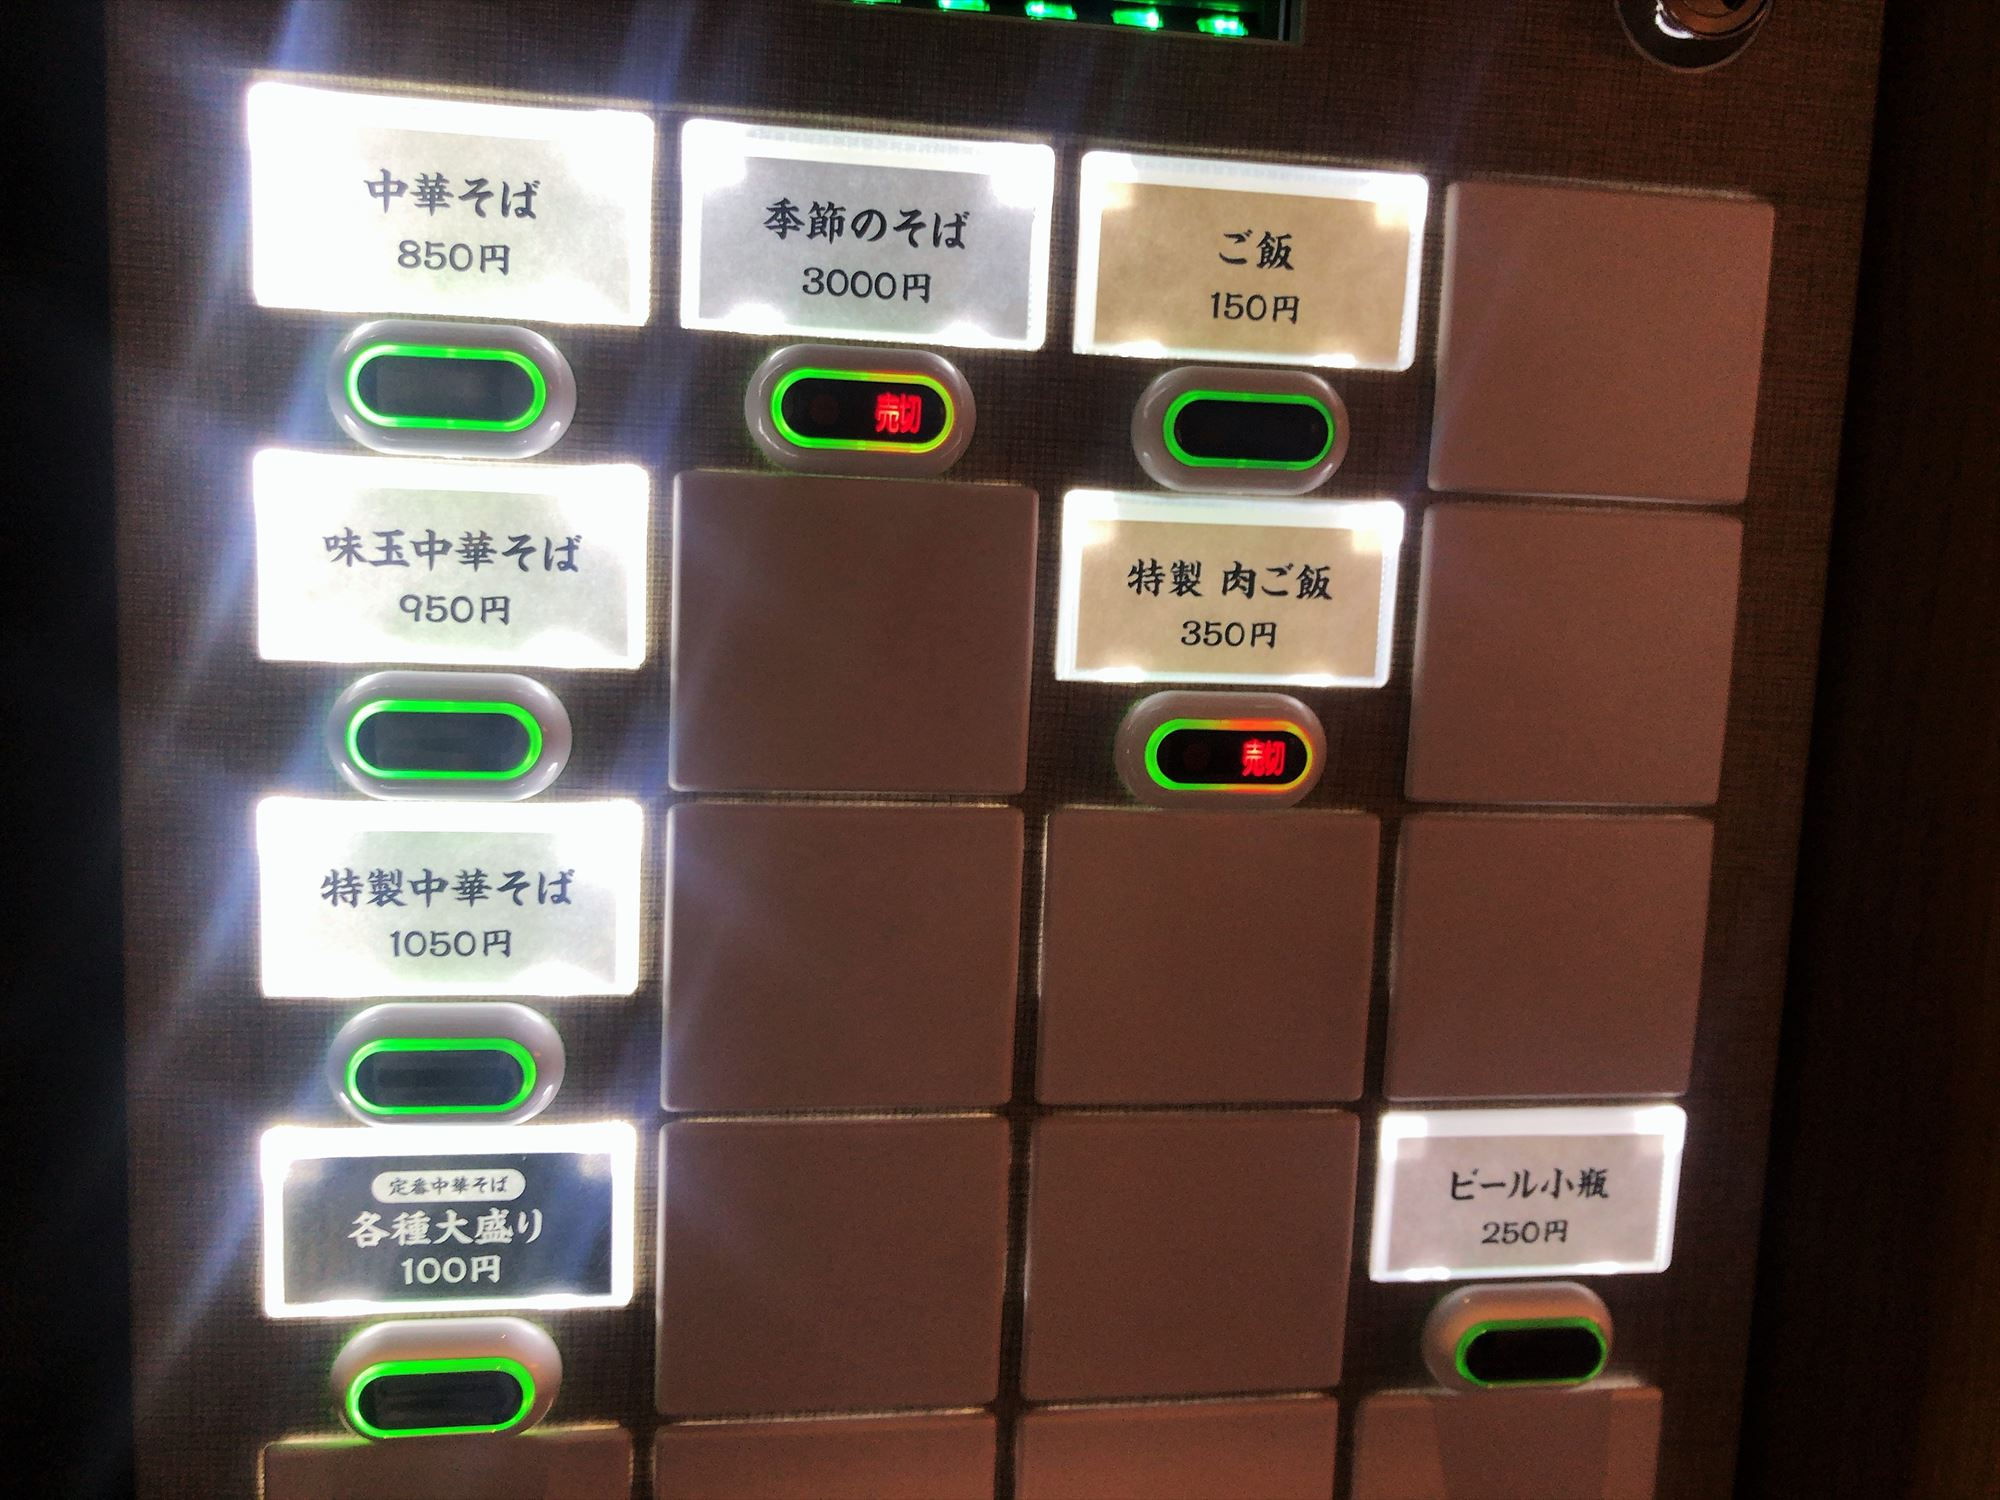 中華そば 銀座 八五の券売機